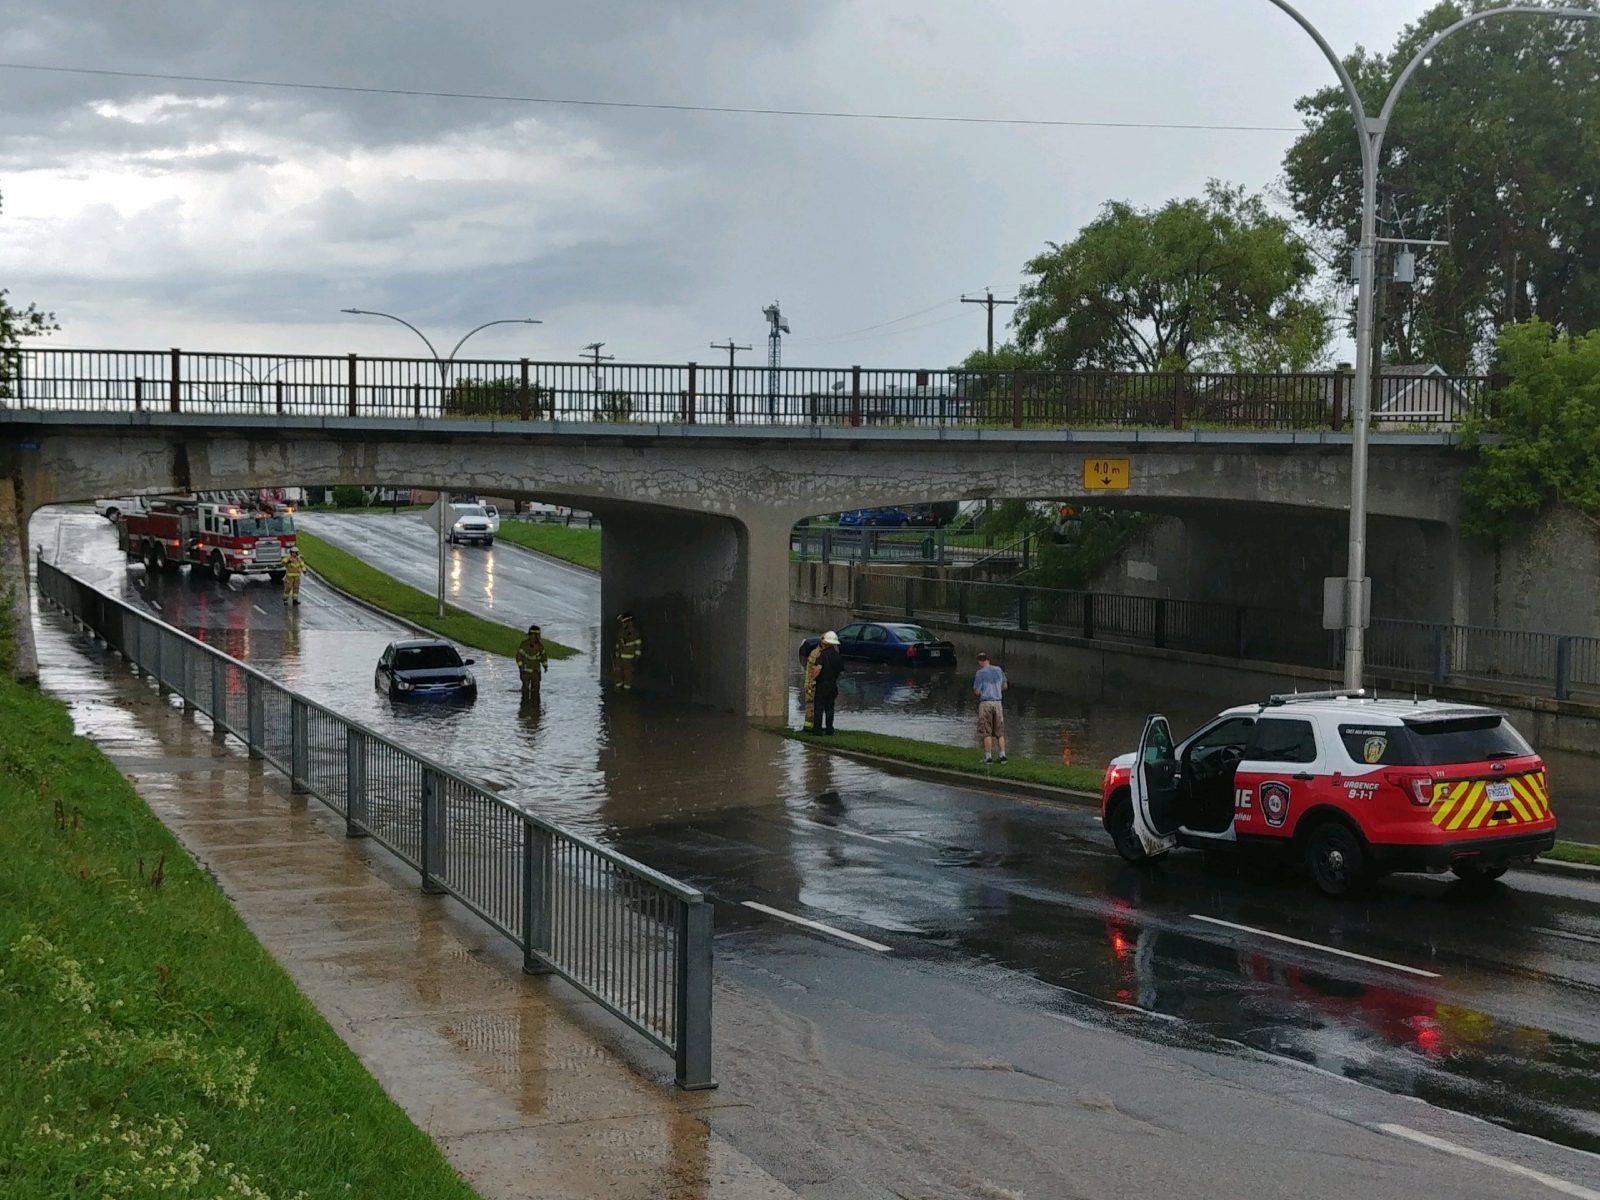 Des automobilistes coincés sous un viaduc